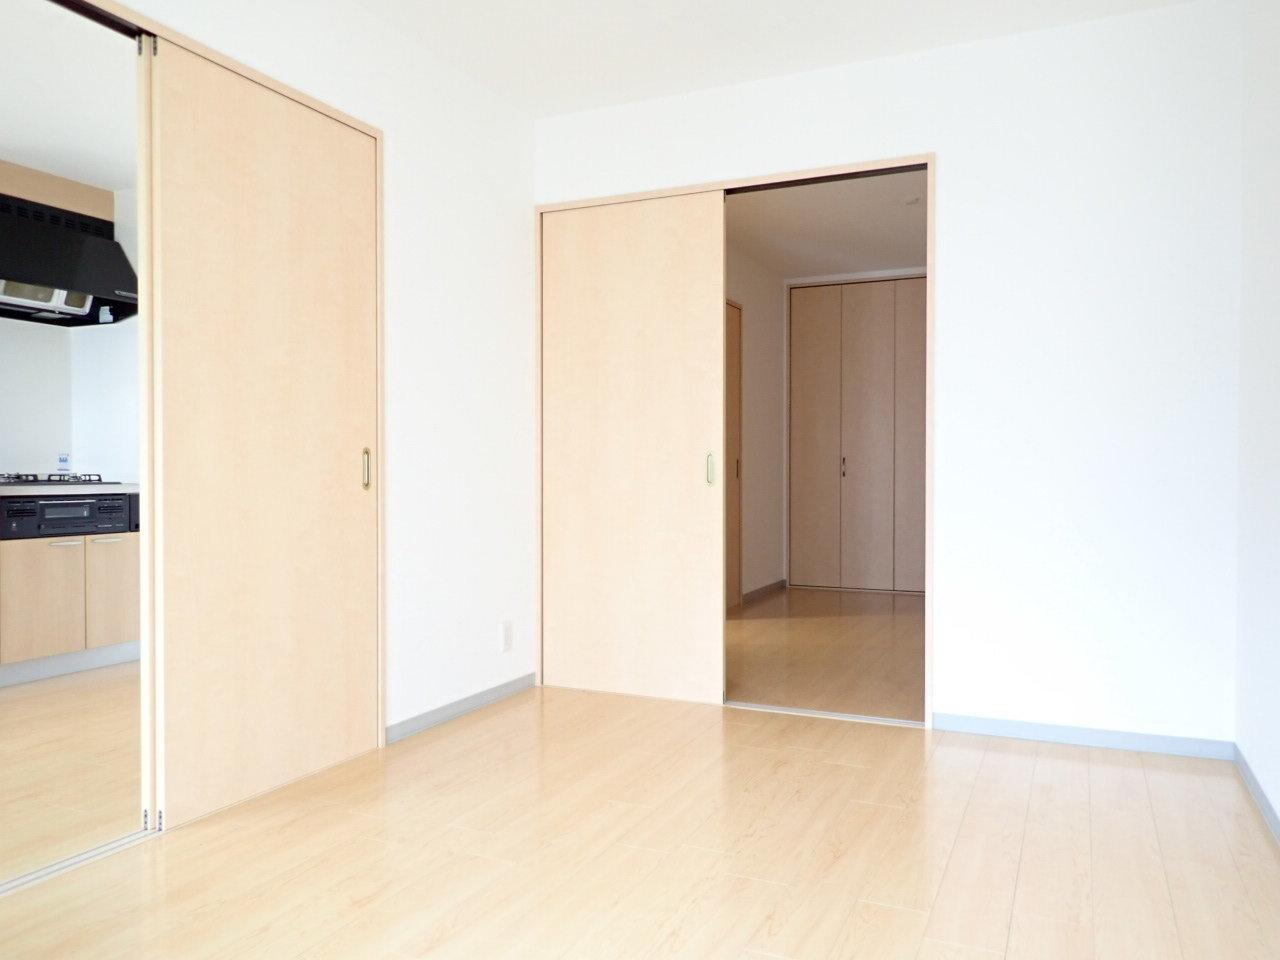 さらに奥へとつながっているお部屋は5.5畳の洋室。大き目のクローゼットもあってとっても使い心地がよさそう。寝室にしましょうかね。